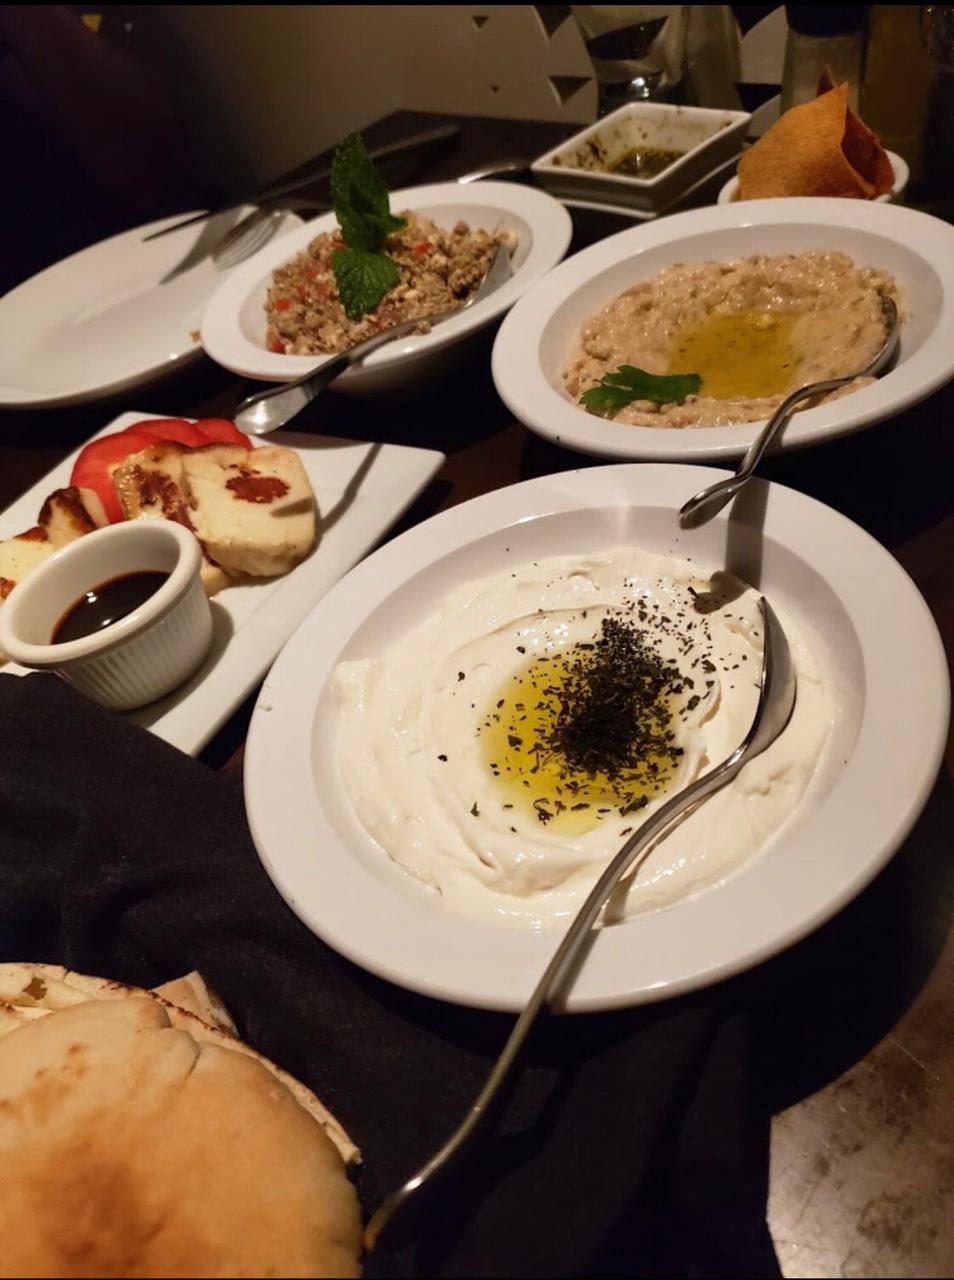 أفضل مطاعم عربية في نيويورك